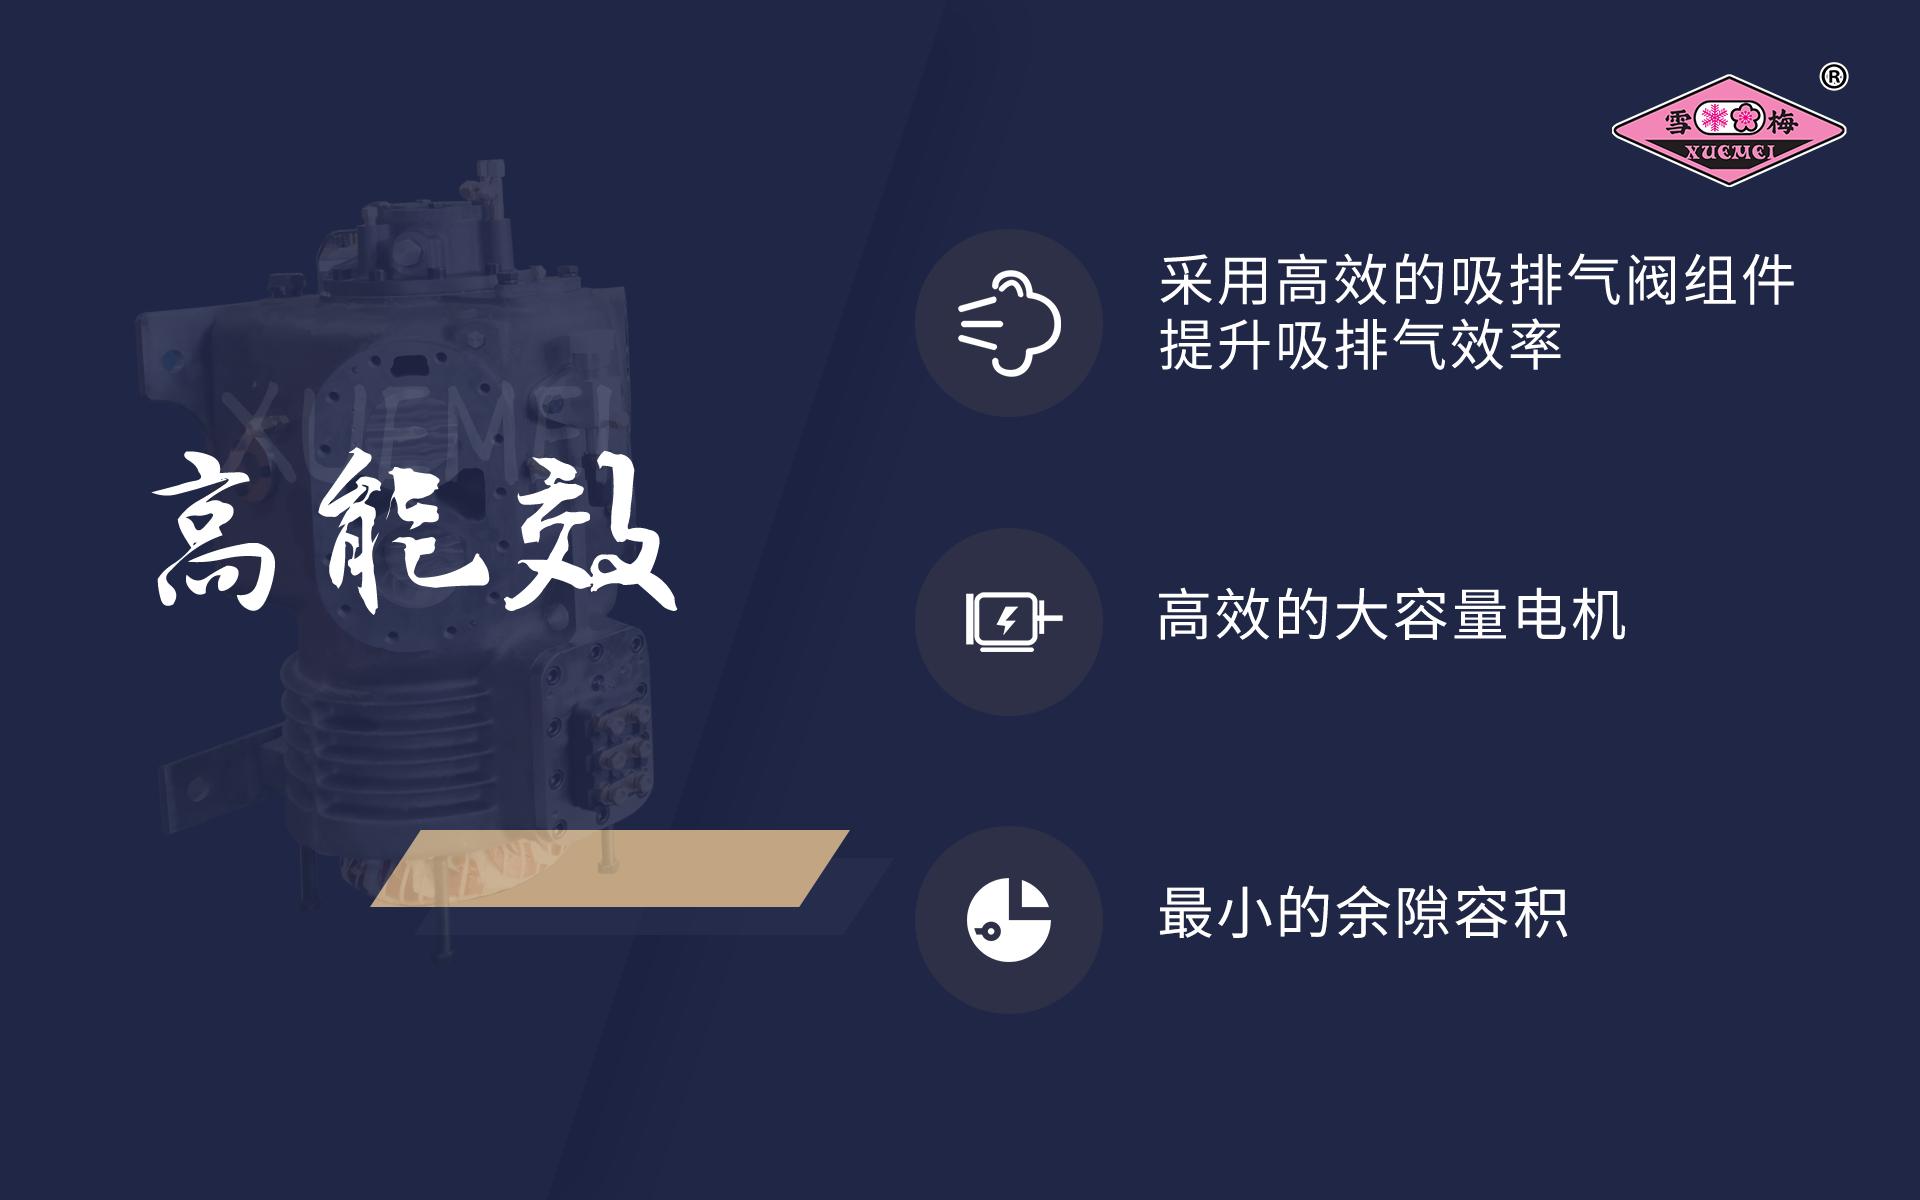 雪梅半封闭活塞BV  BW系列式制冷压缩机河南省总经销